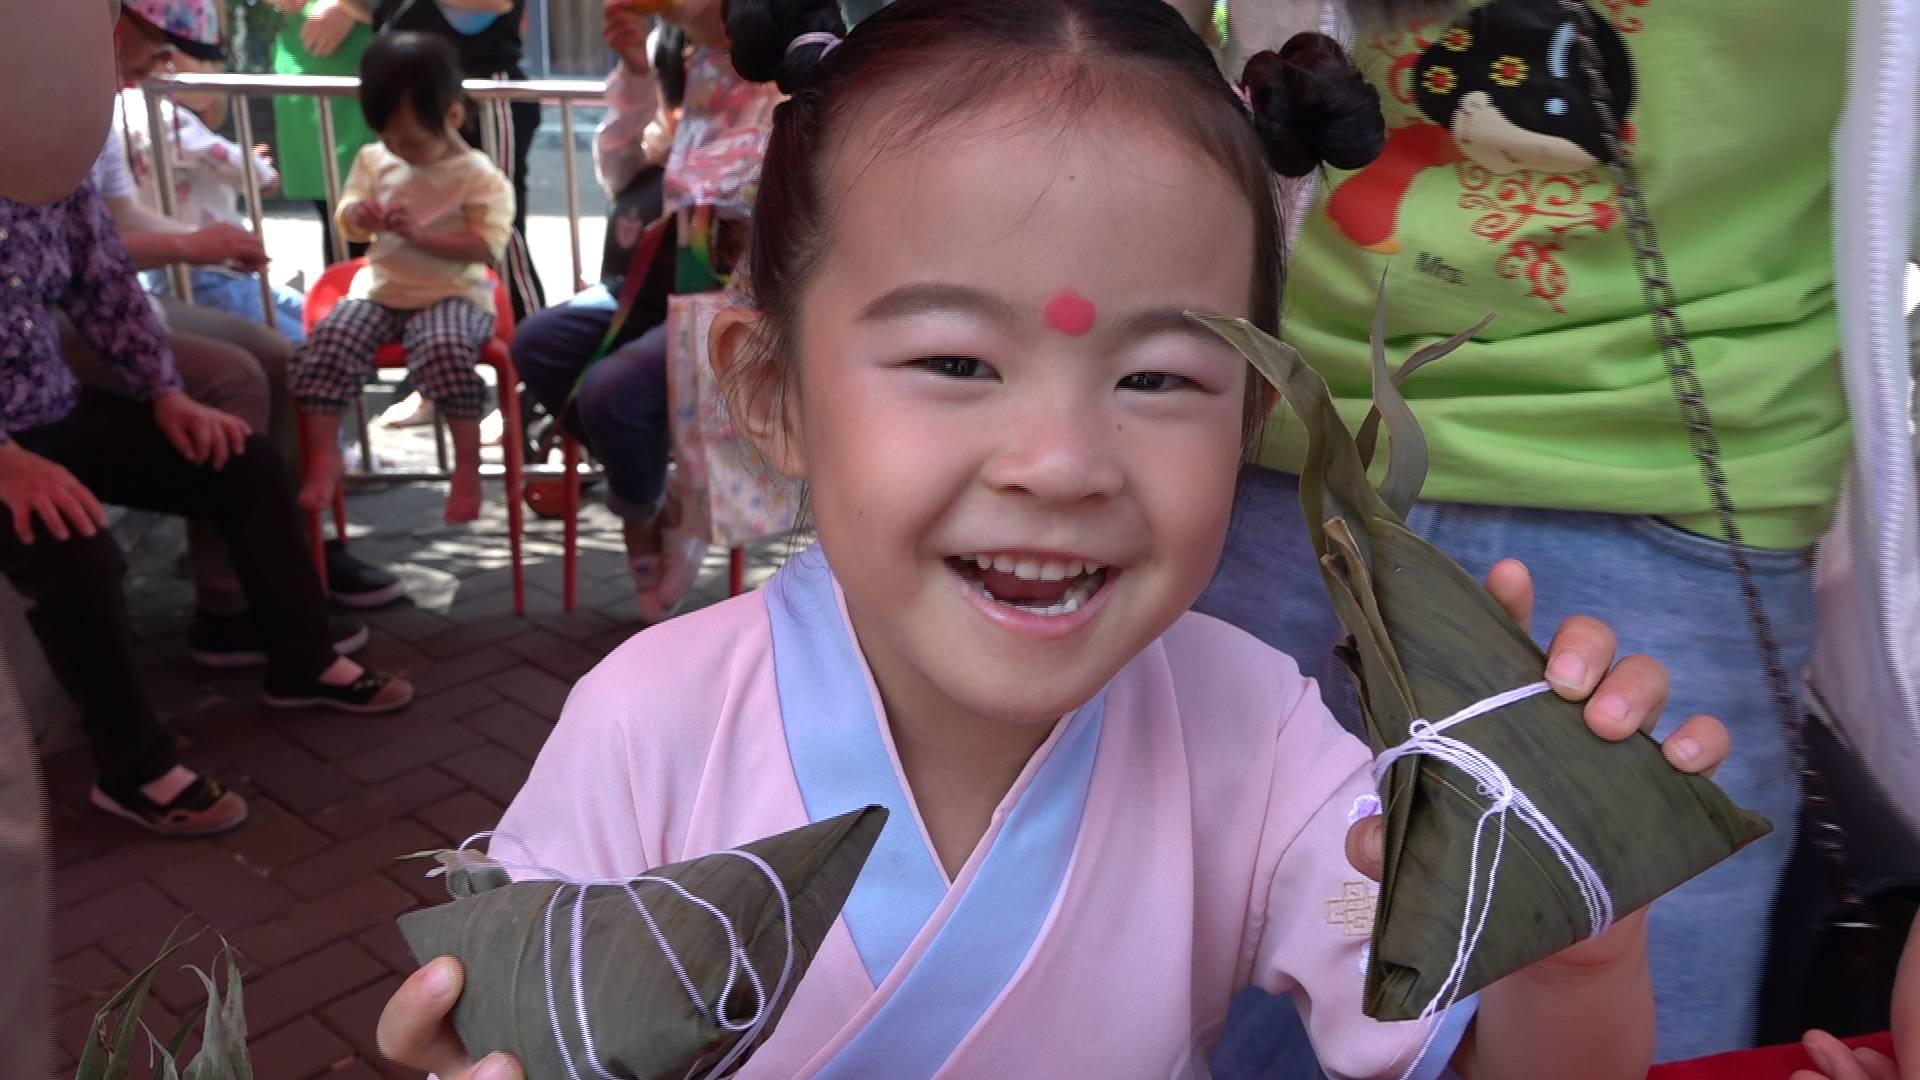 童心未泯,山东台女主持美琪和小朋友比赛包粽子,结果尴尬了